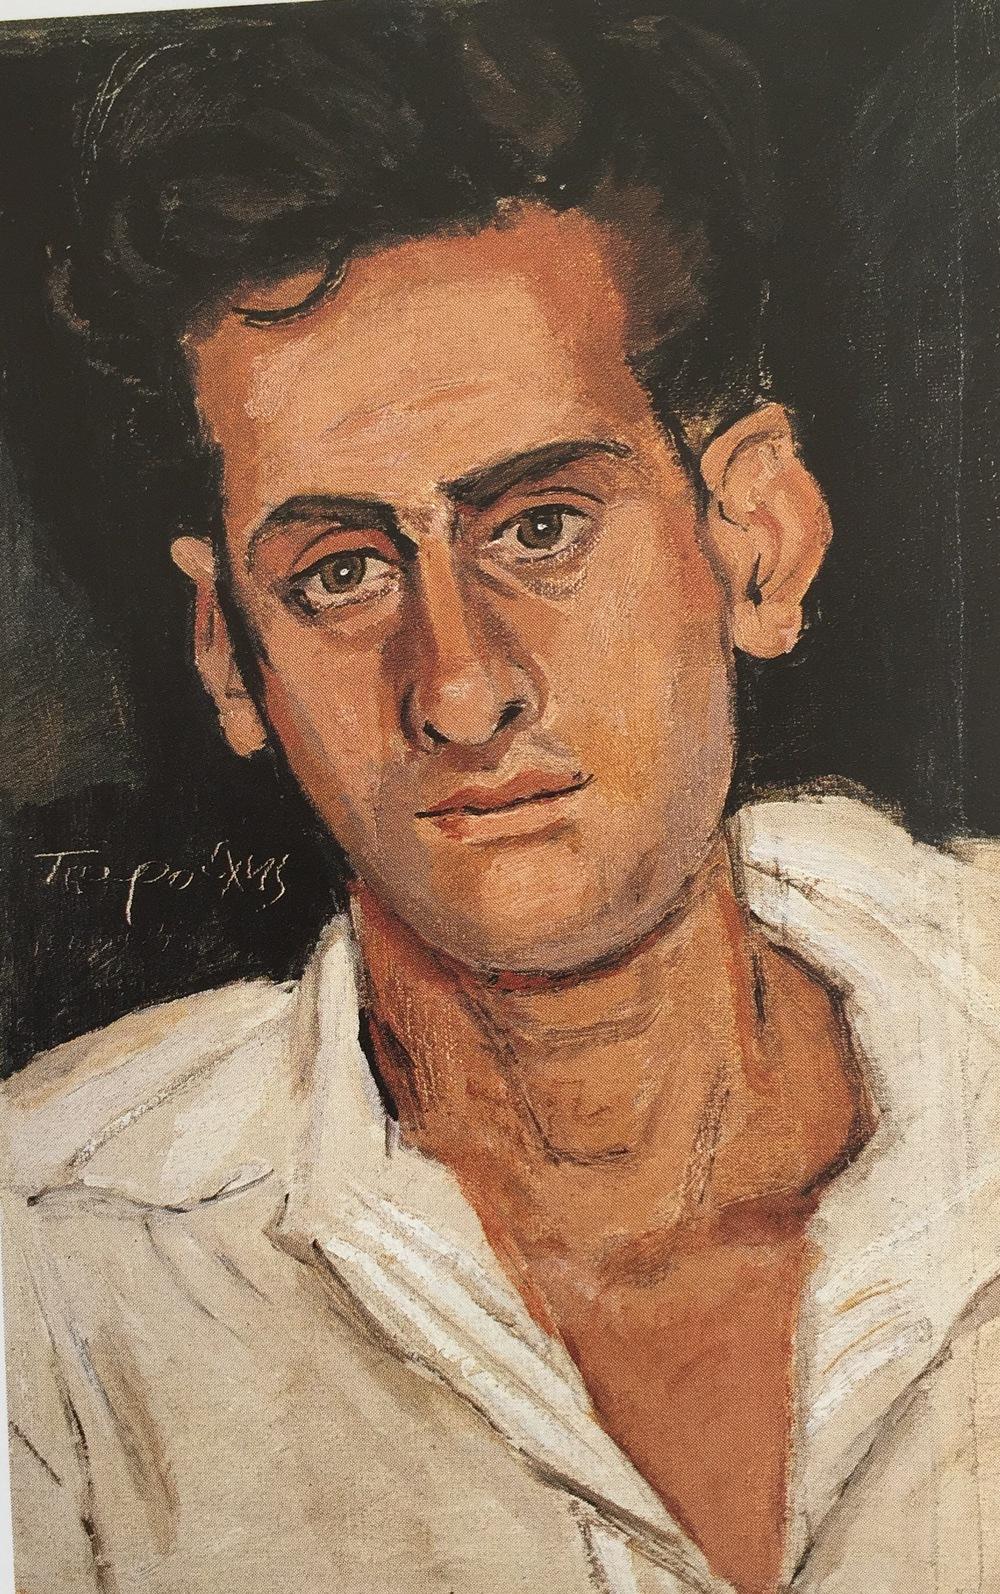 tsarouchis : portrait of m.a. oil on linen 40x26 cm.